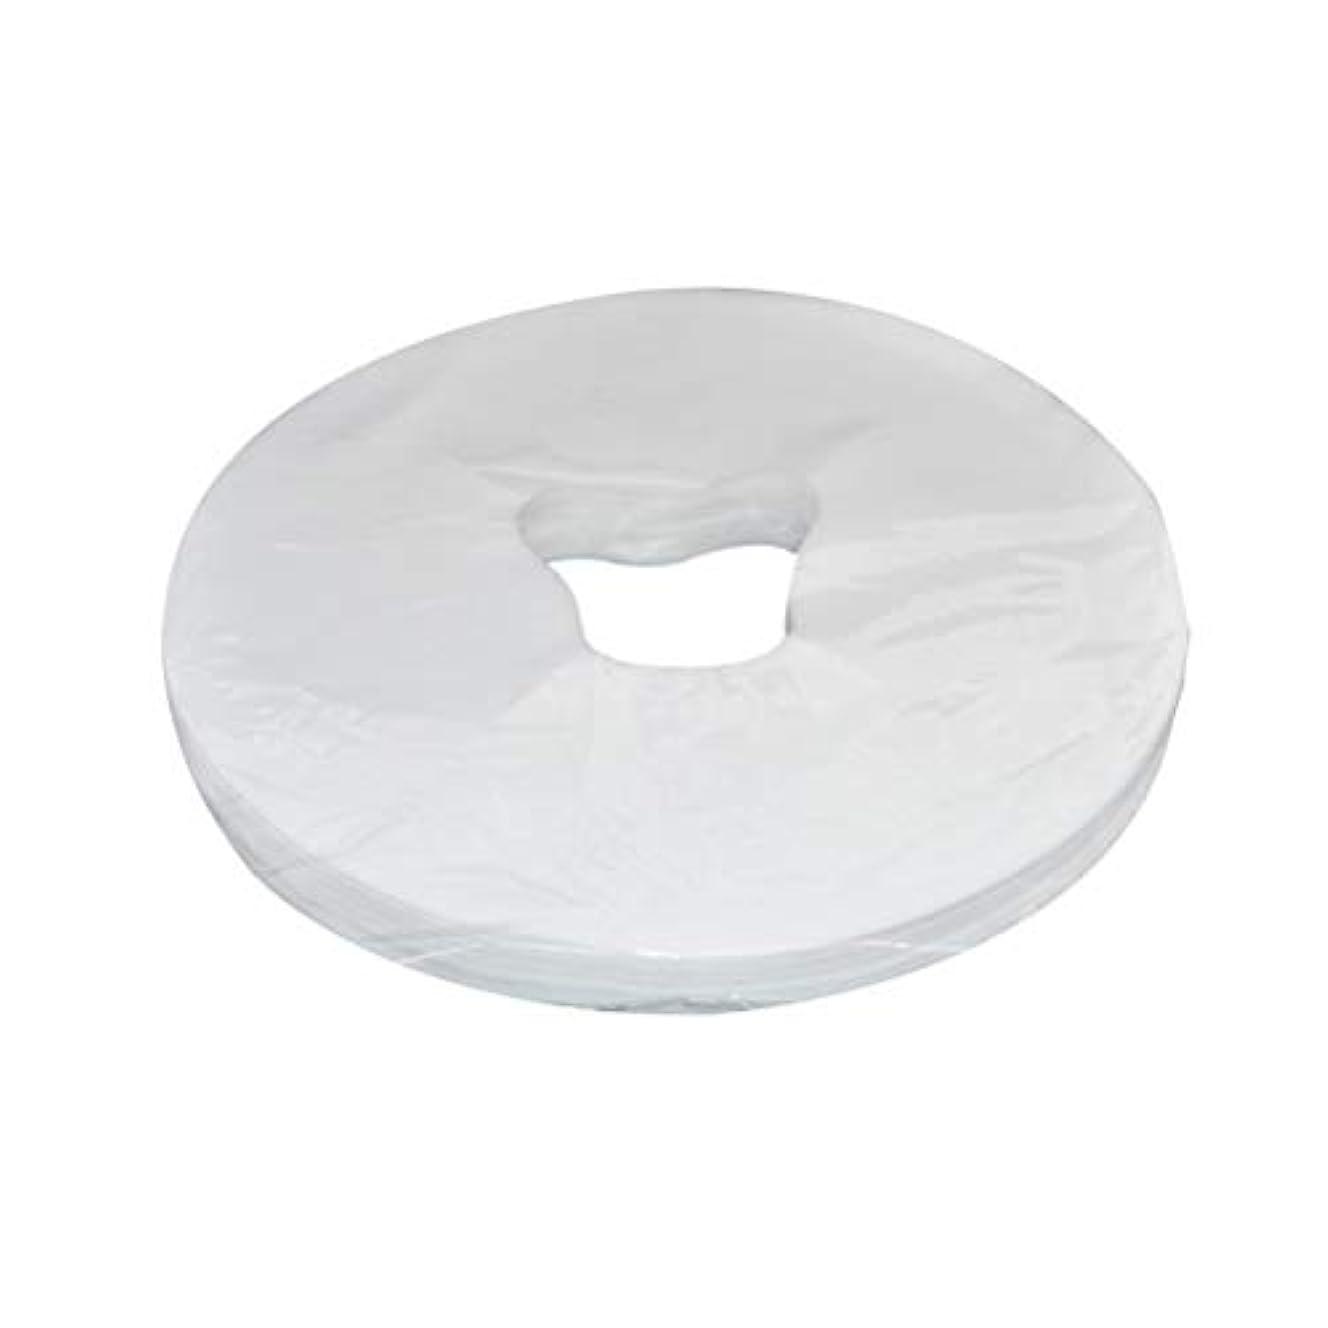 変化するこれまでまどろみのあるSUPVOX 100シートマッサージフェイスレストカバー使い捨てフェイスクレードルカバーマッサージヘッドレストカバーSPA美容院マッサージタトゥーホテルマットレスカバー29×28 cm(ホワイト)